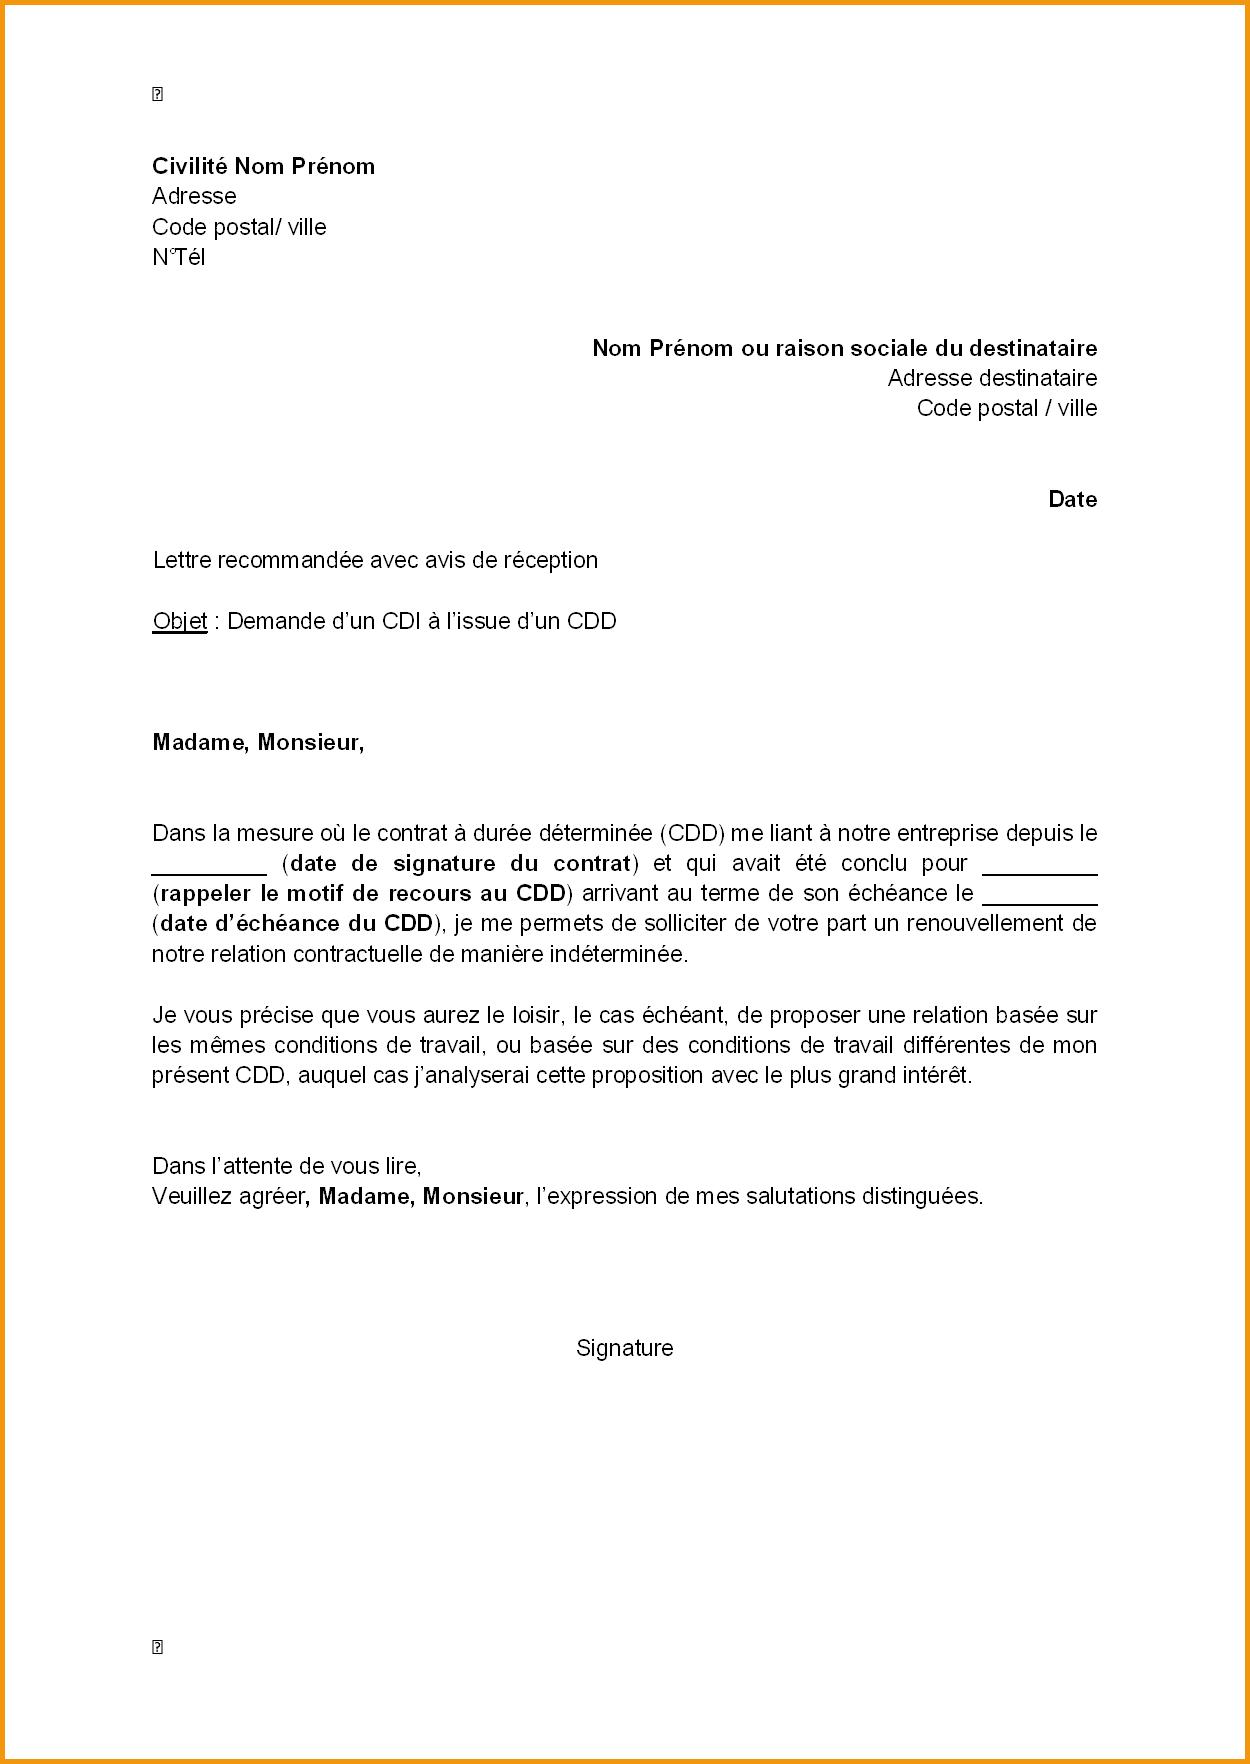 meilleur modele de lettre de travail modele de lettre